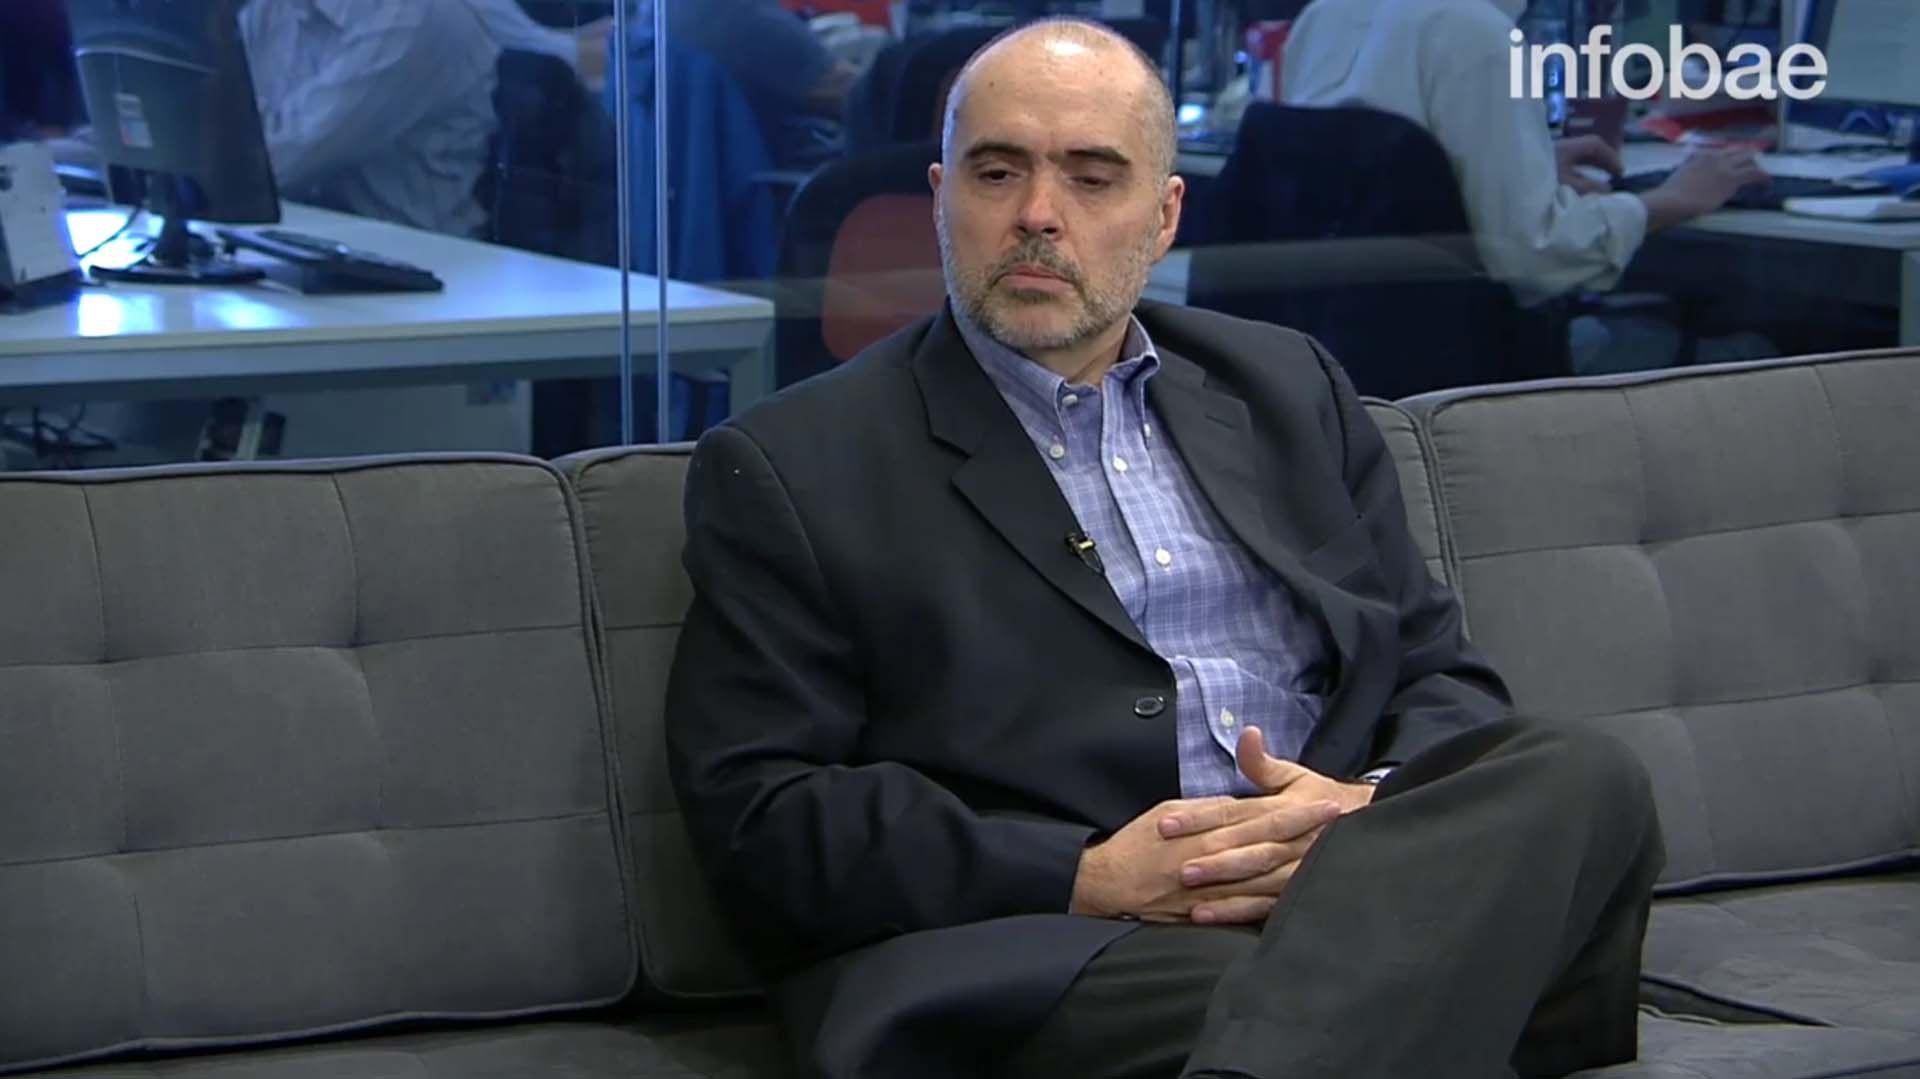 Eduardo Bertoni, el anterior director de la Agencia de Acceso a la Información Pública, quien renunció a partir de 1ro de enero de 2020, cuando aún le quedaba más de un año y medio de mandato